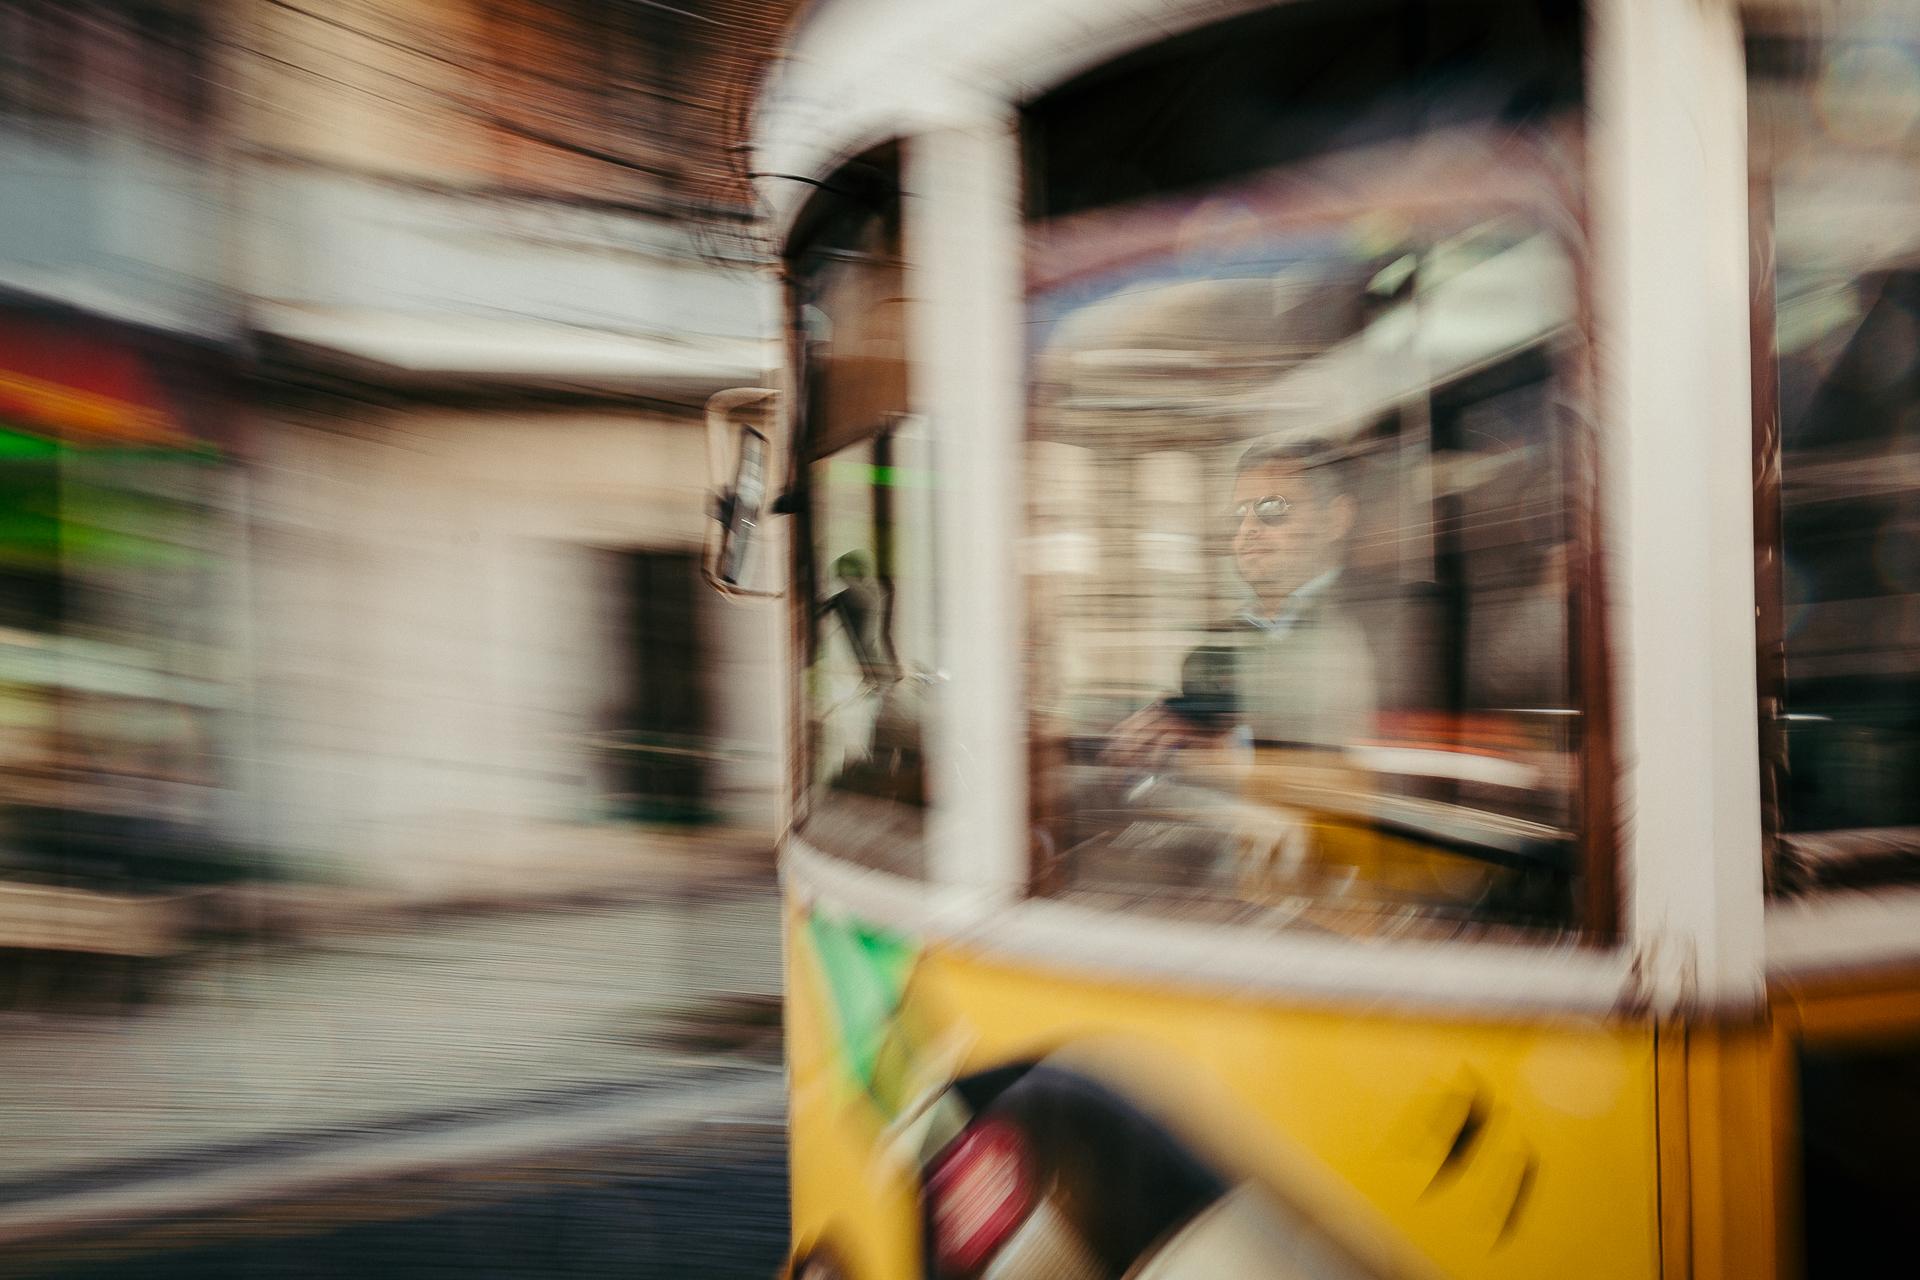 vlado veverka photography